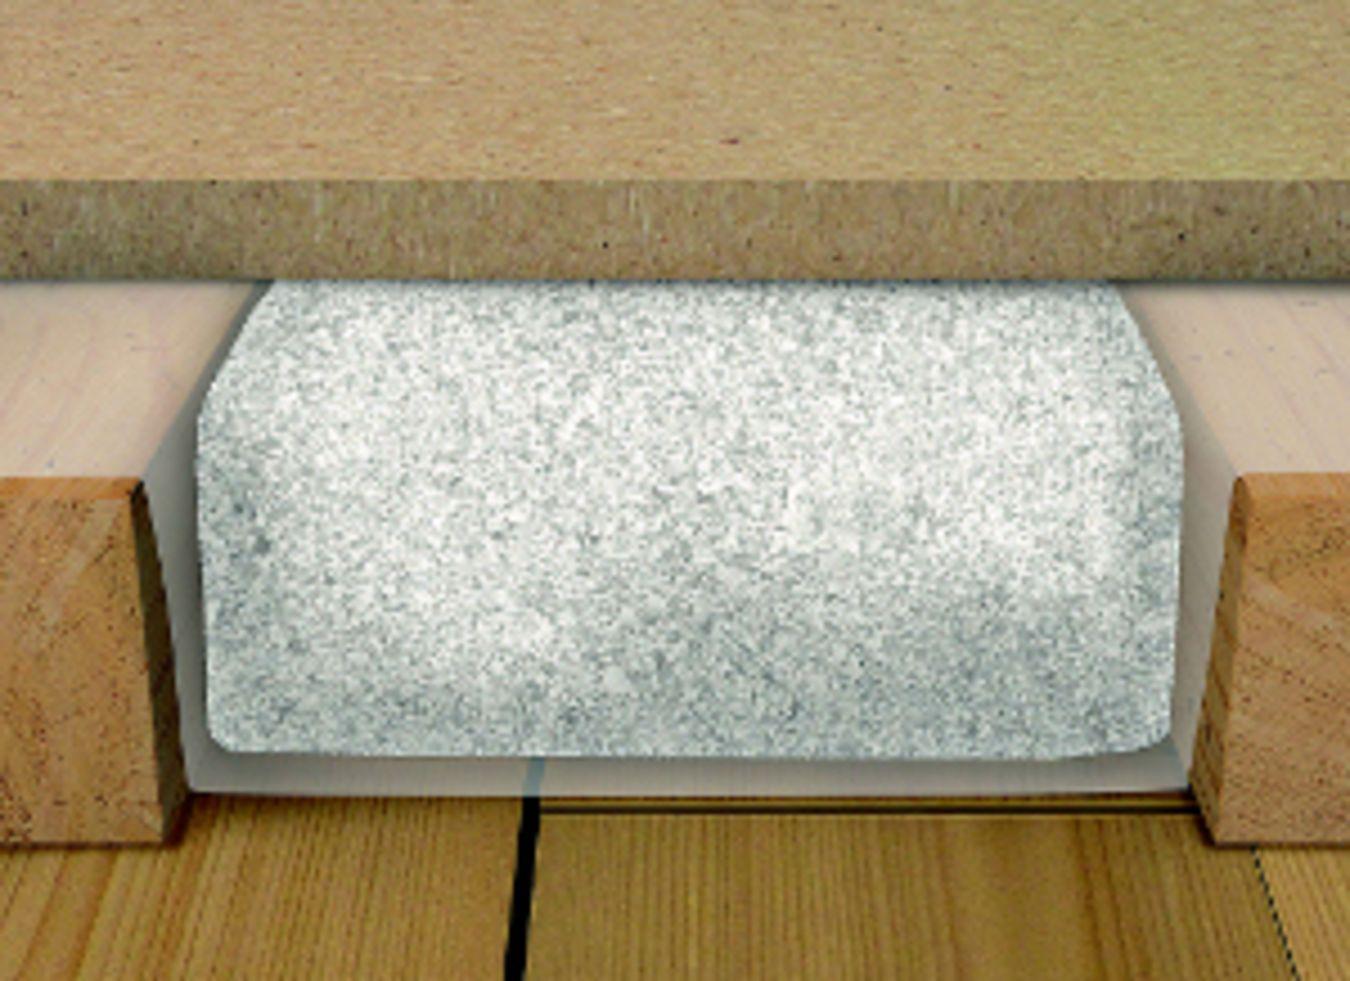 Fußboden Dämmung Gegen Lärm ~ Schallschutz und lärmschutz für kostbare ruhe